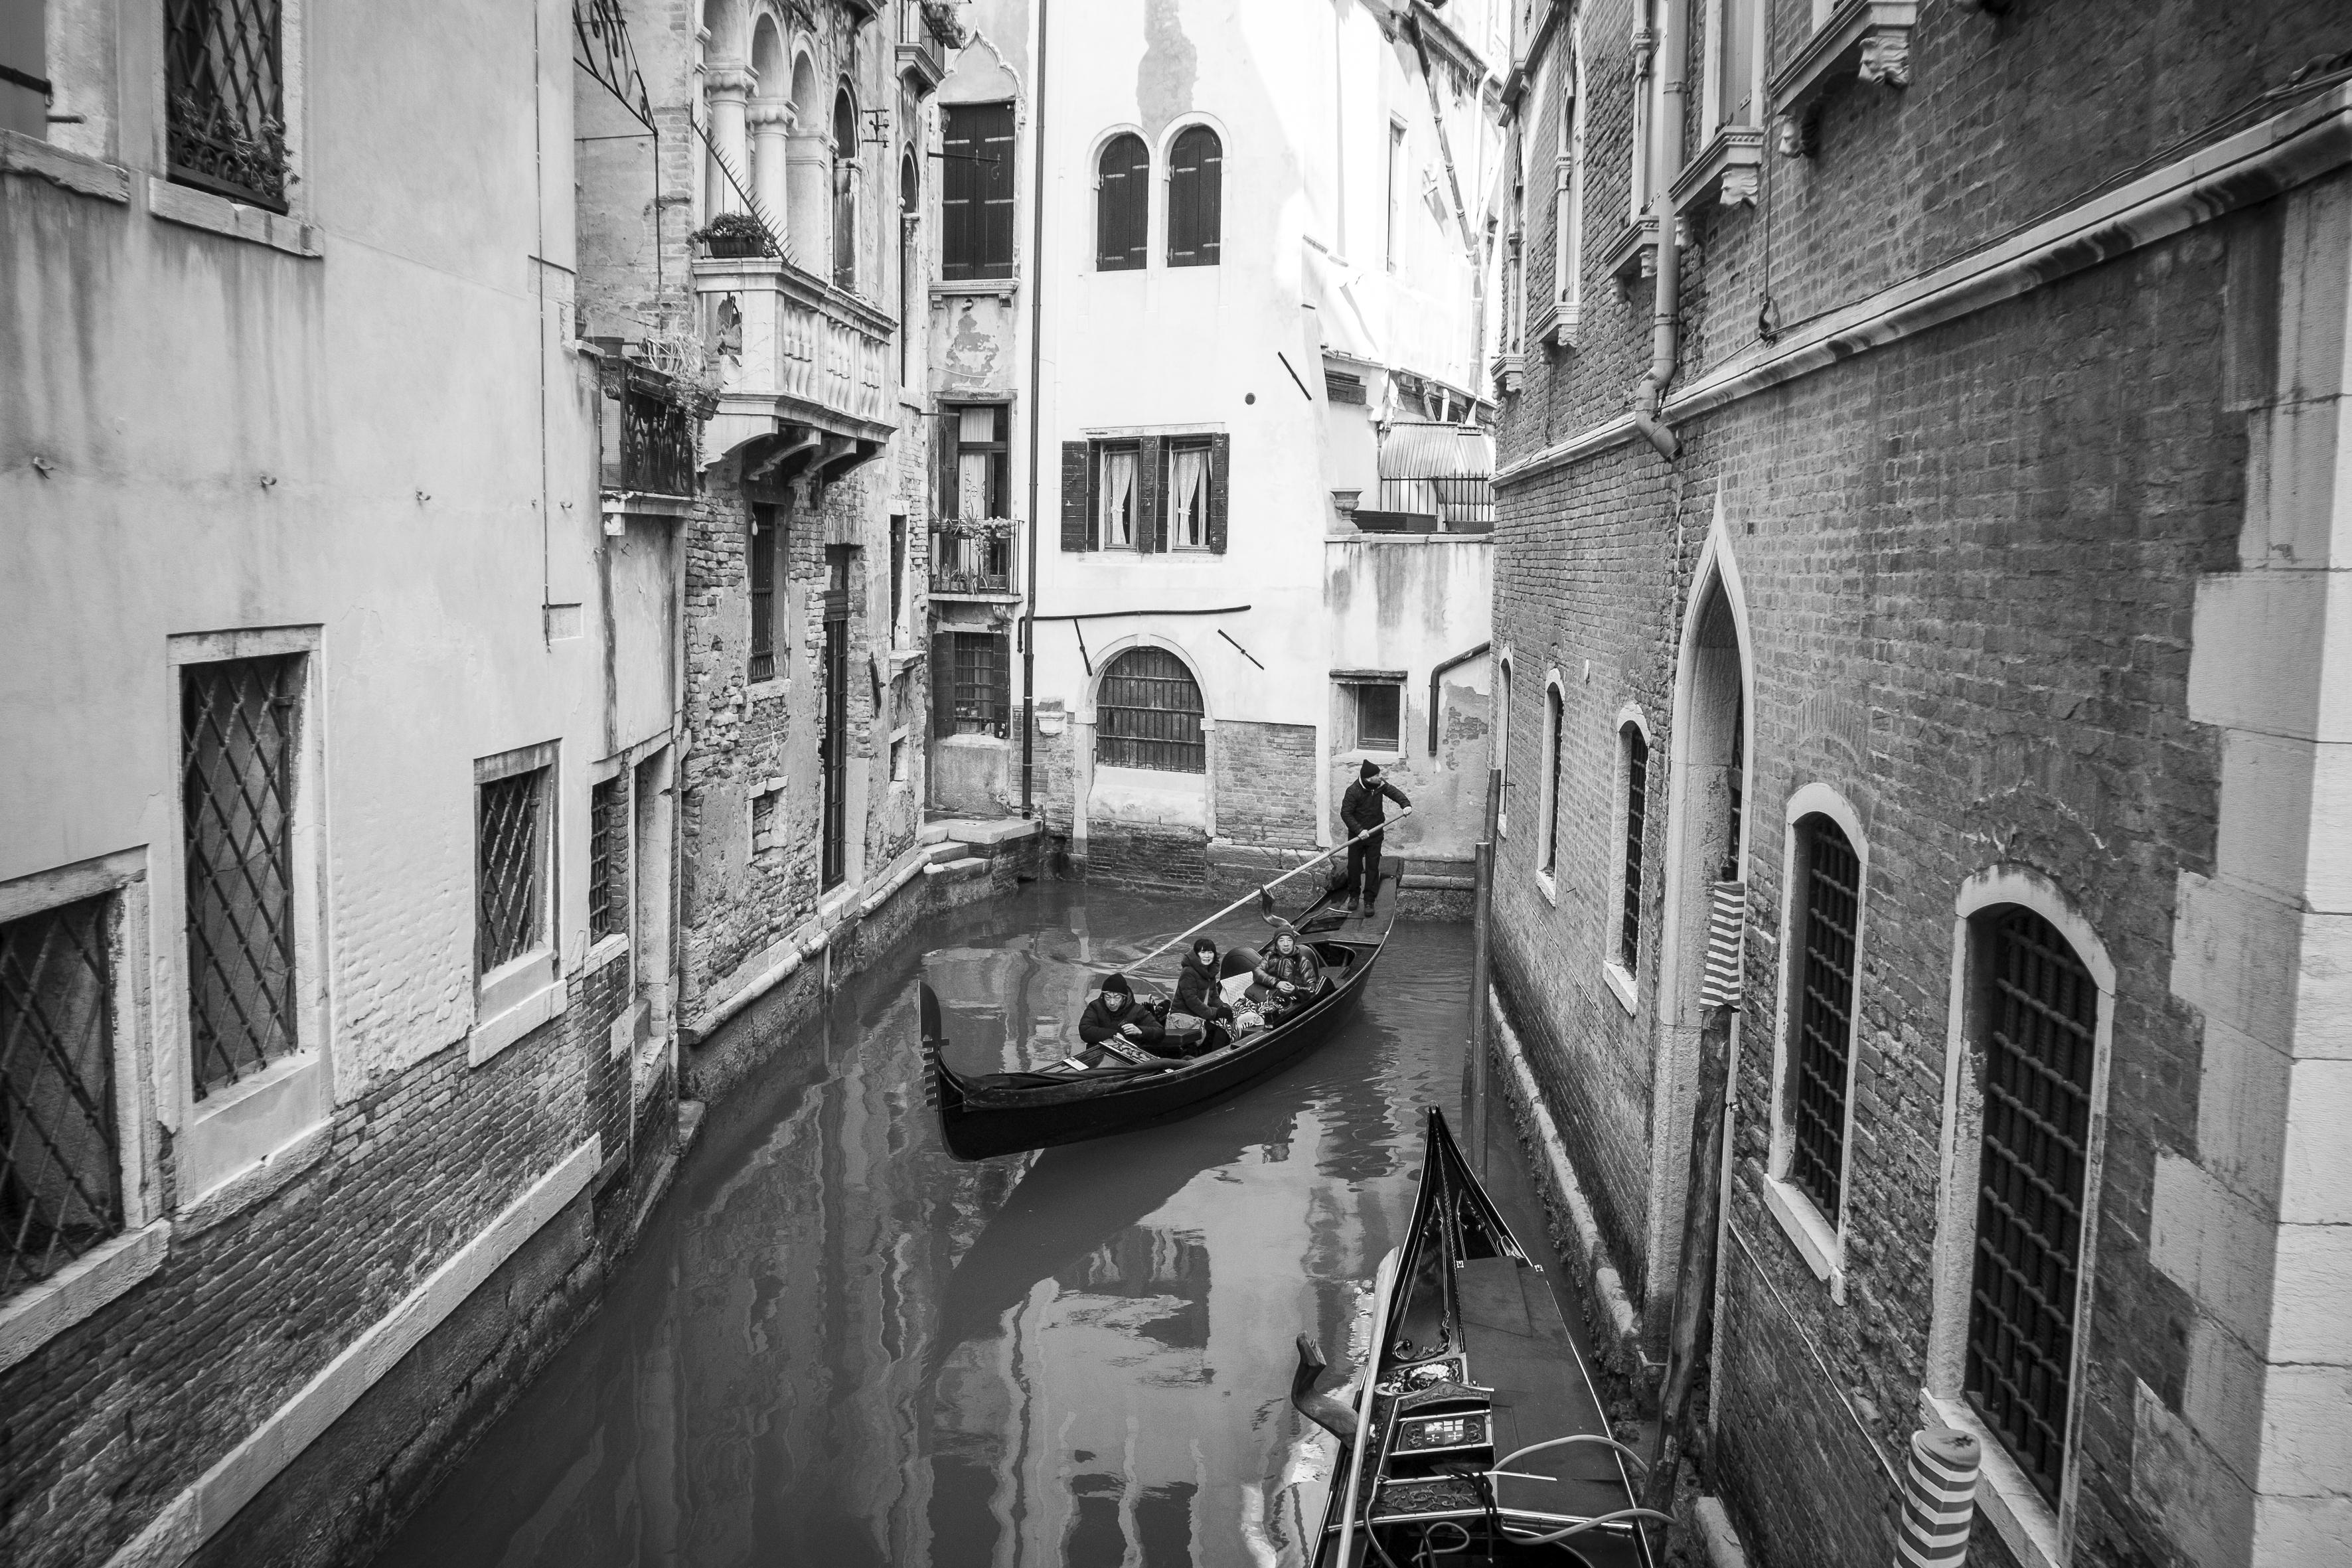 черно белые фото картины италия города это